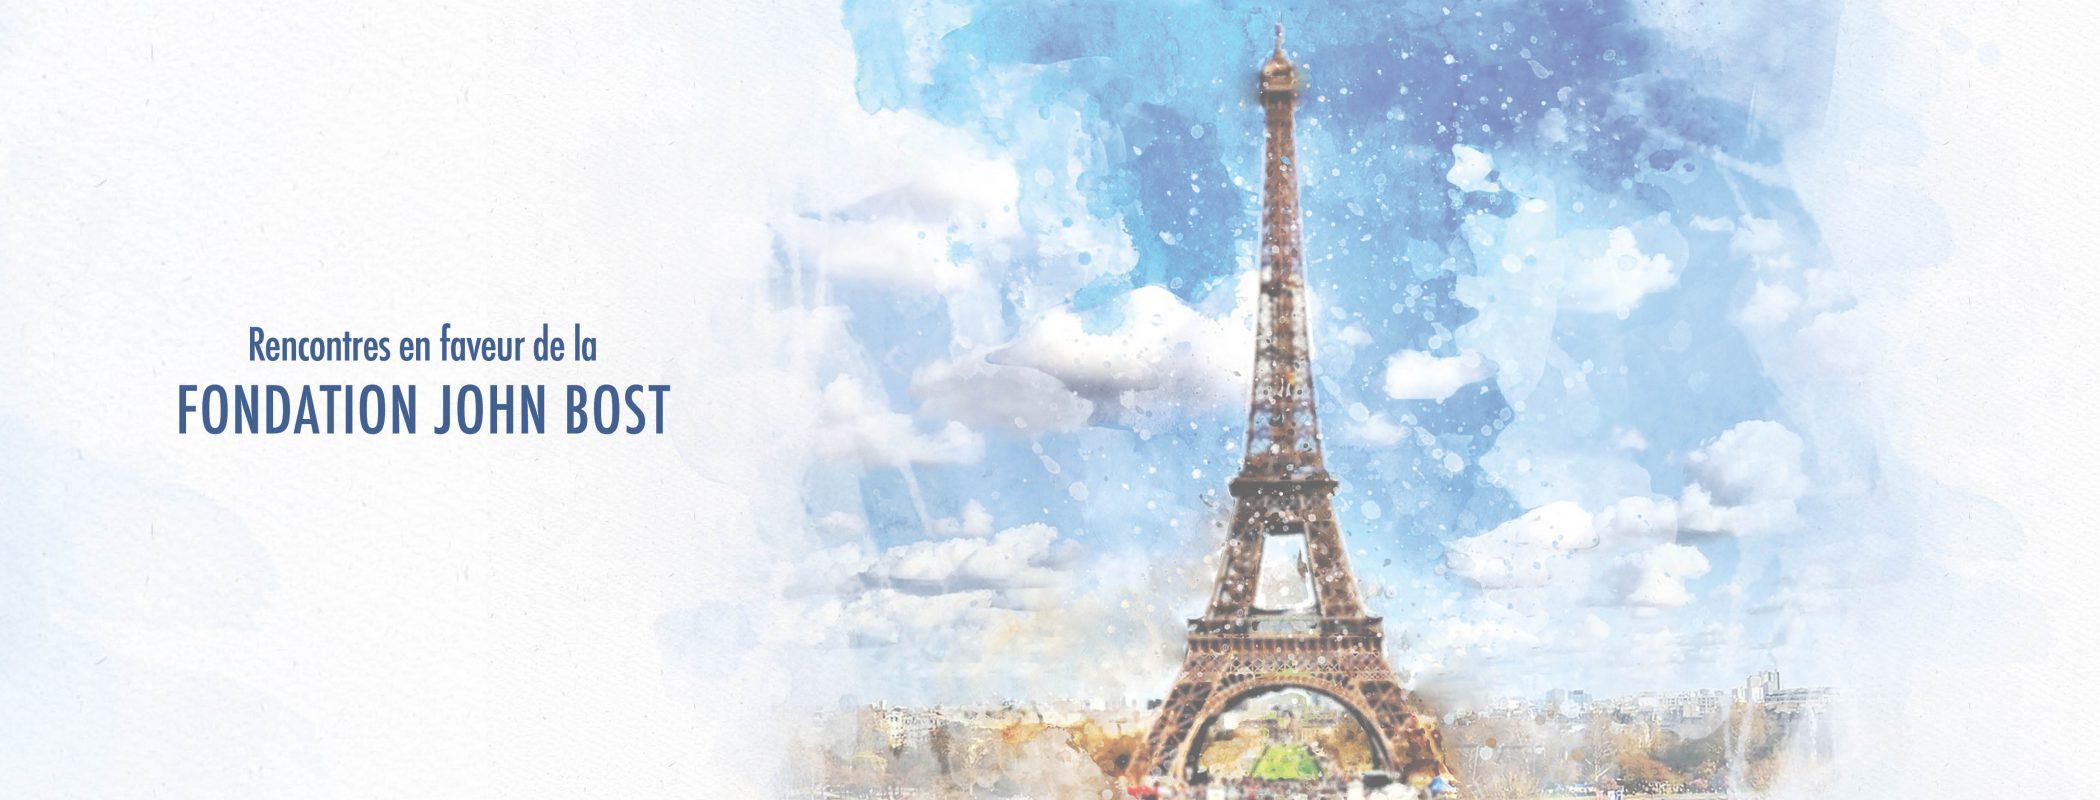 Vente de Paris 2018